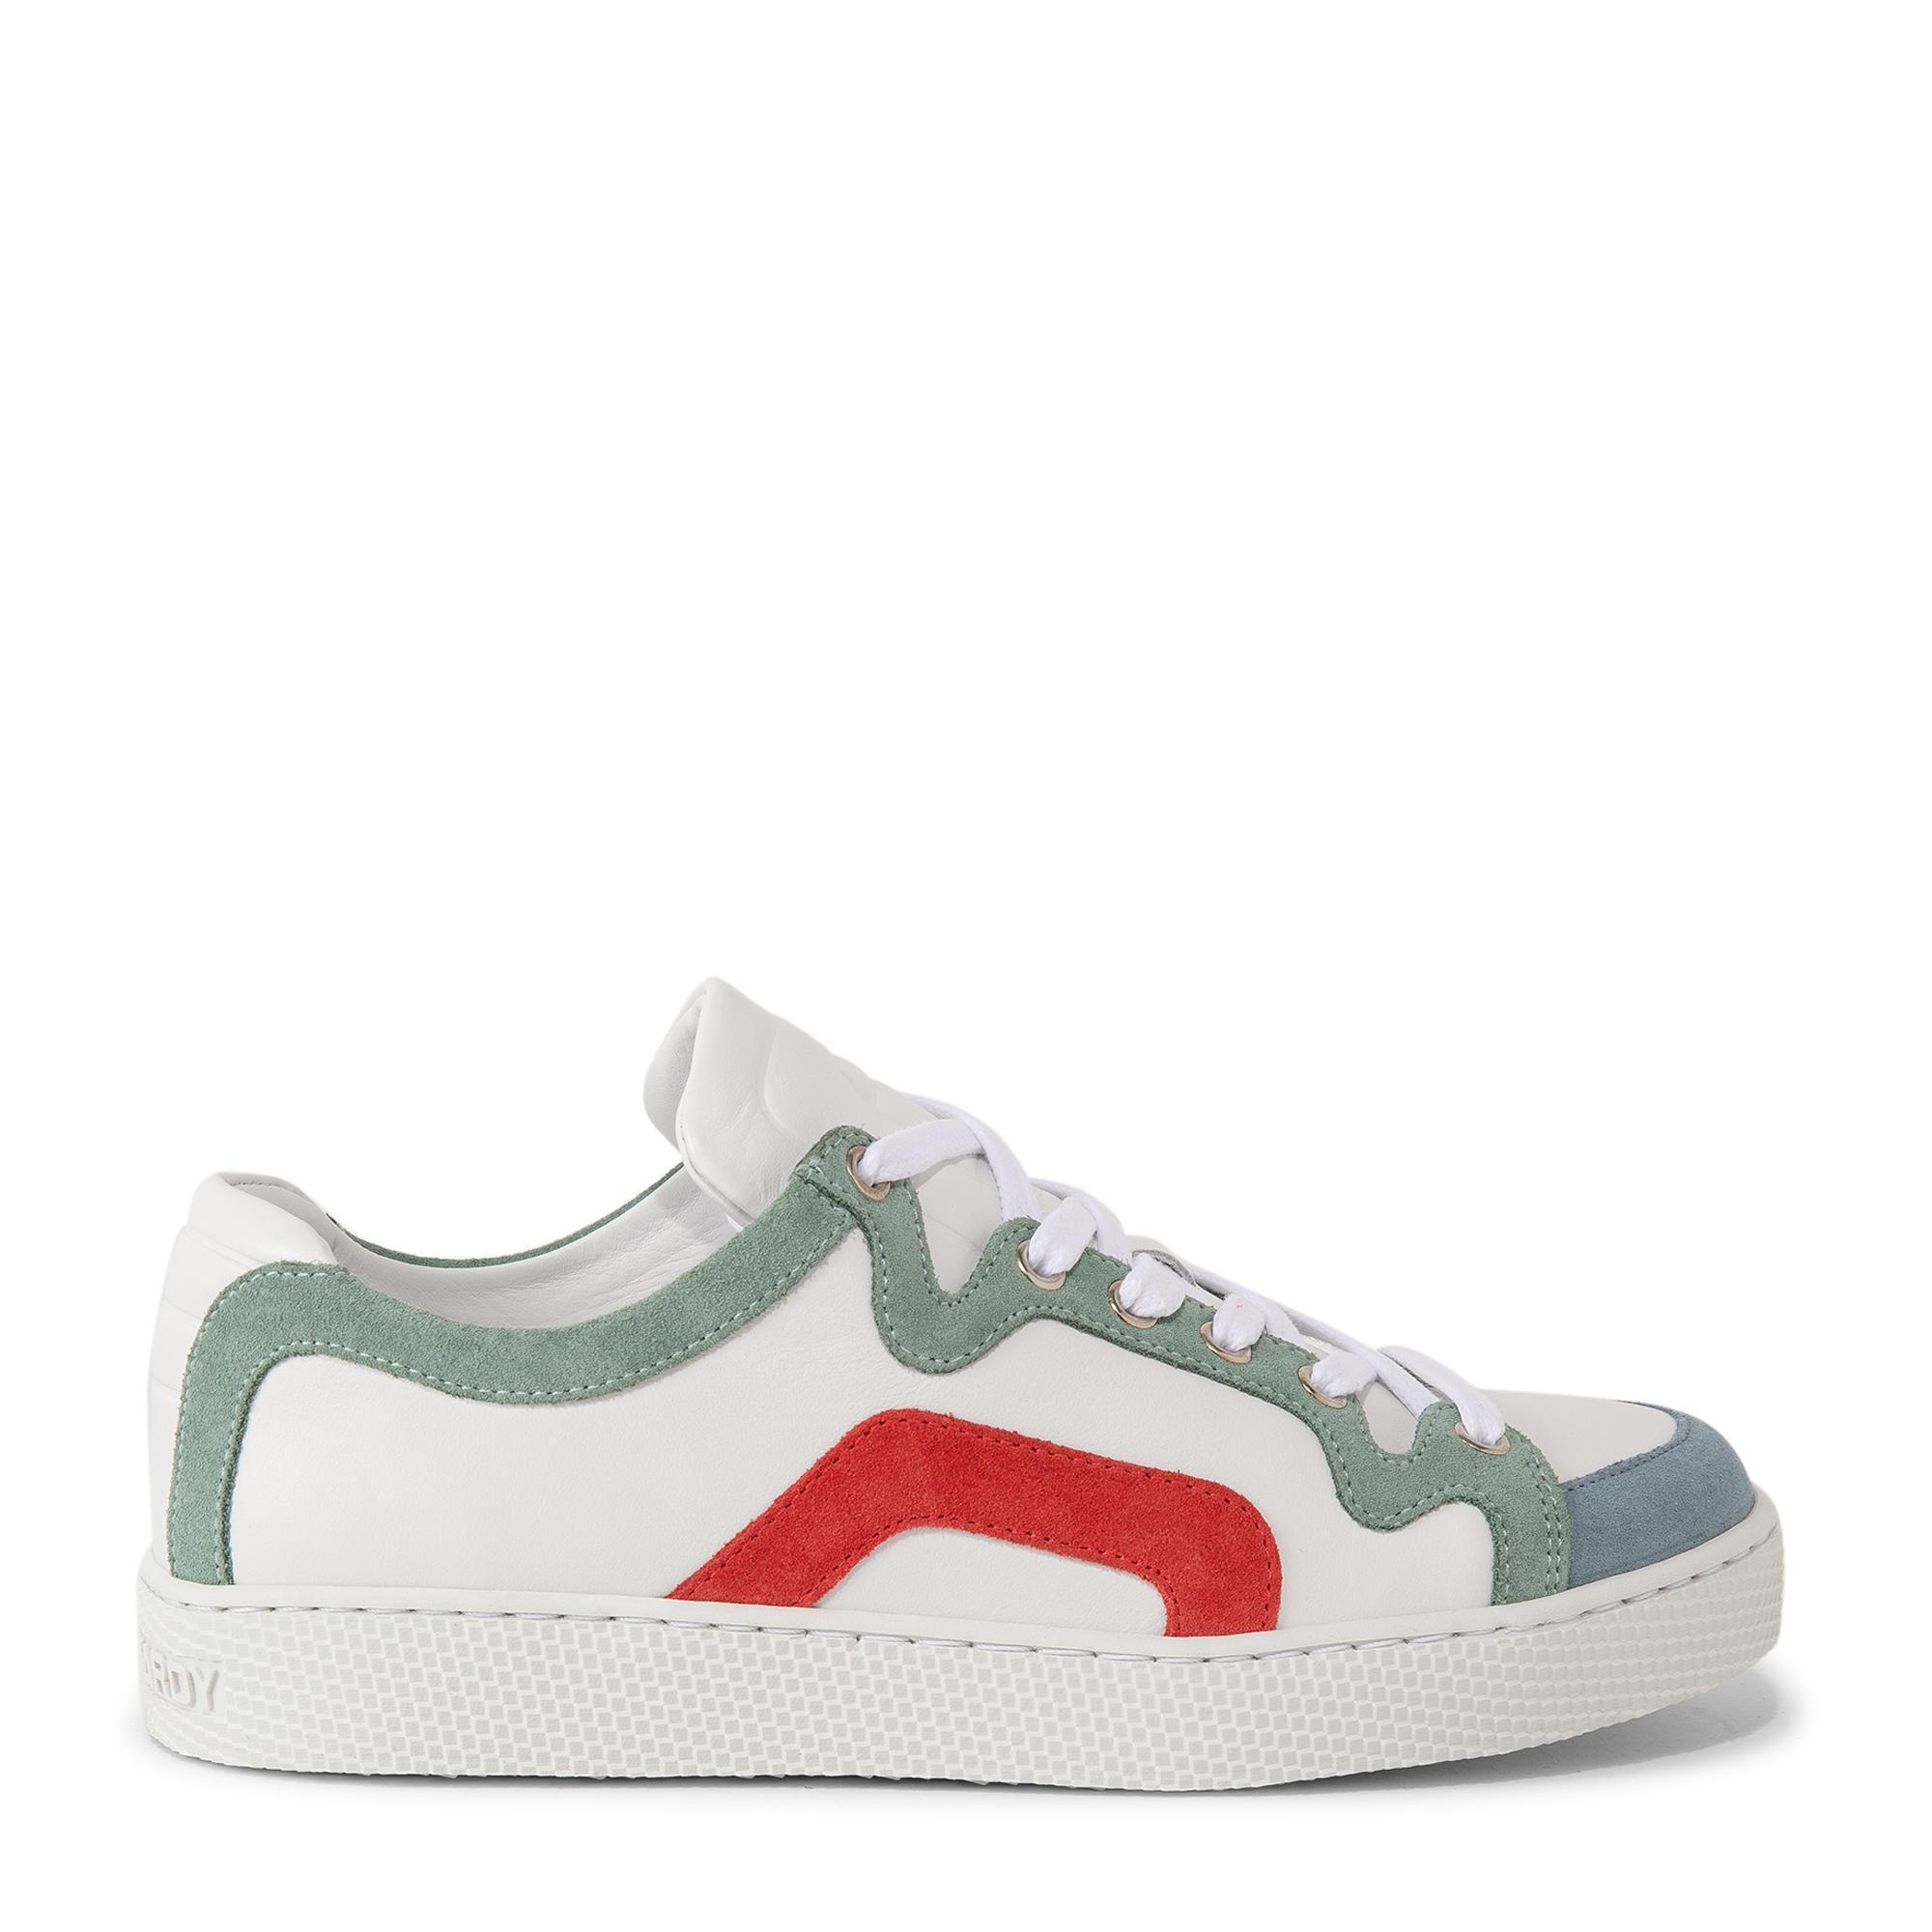 104 sneakers